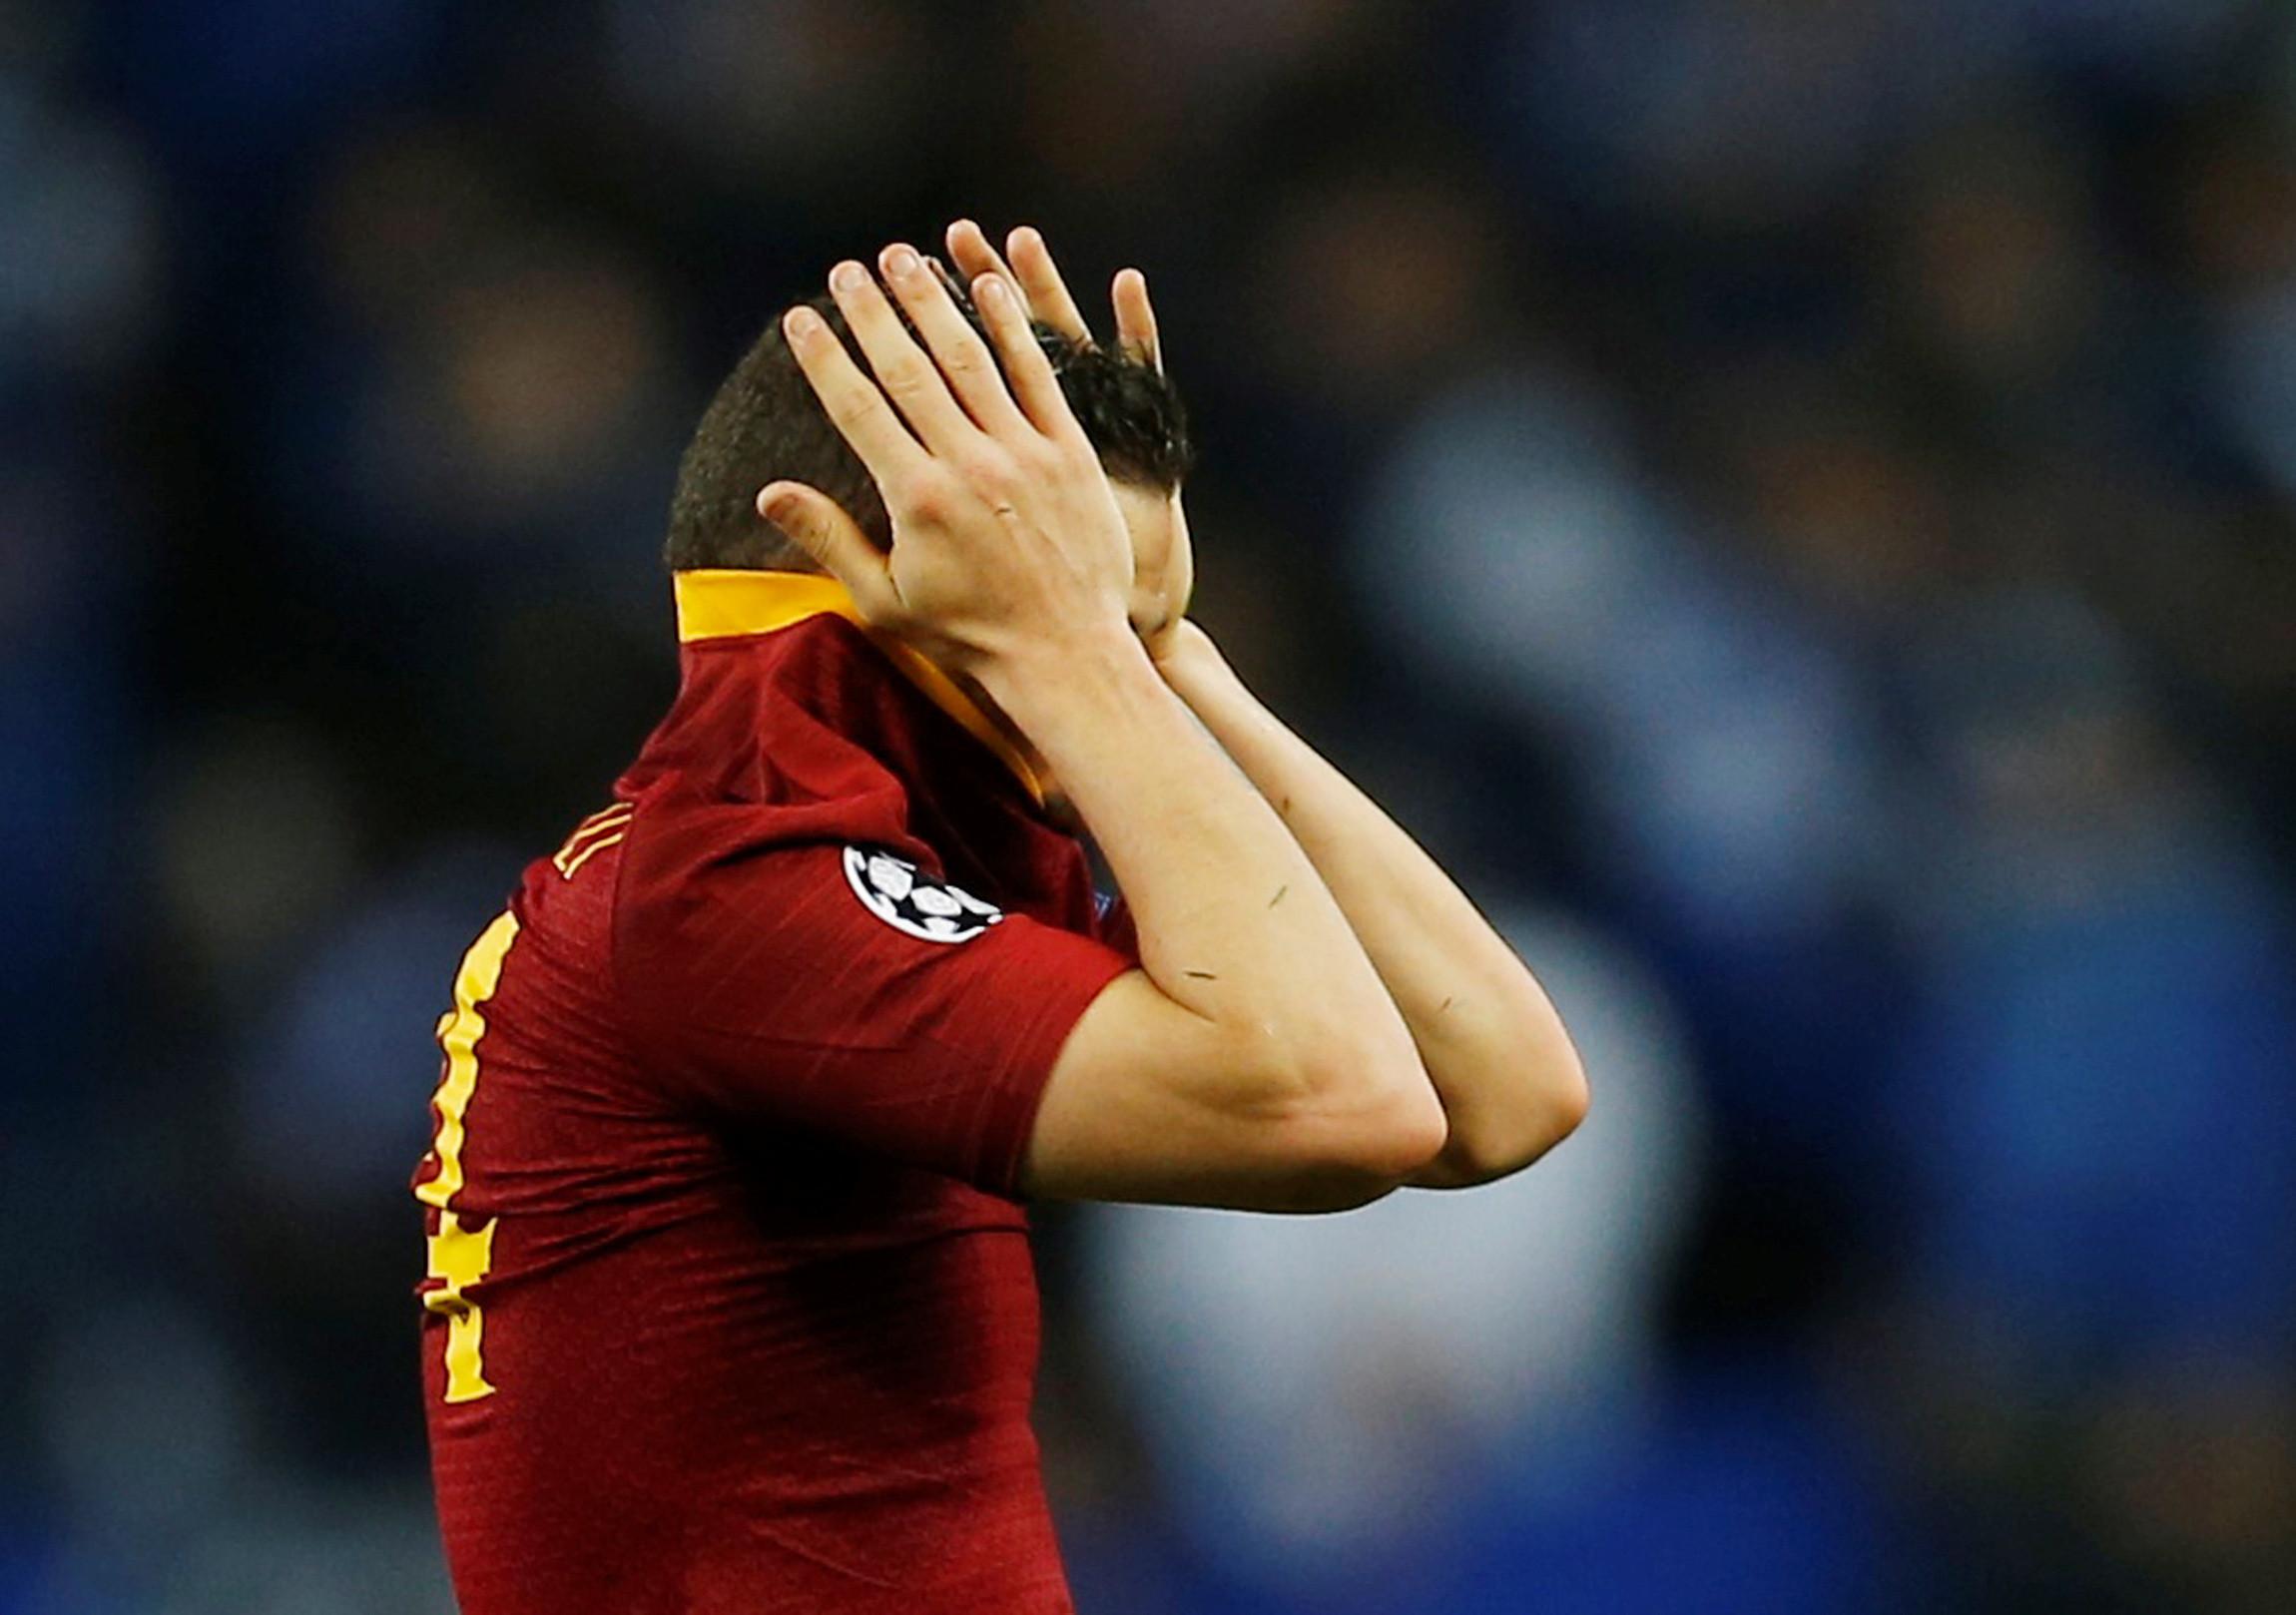 Assim relataram os italianos a queda da AS Roma no Estádio do Dragão